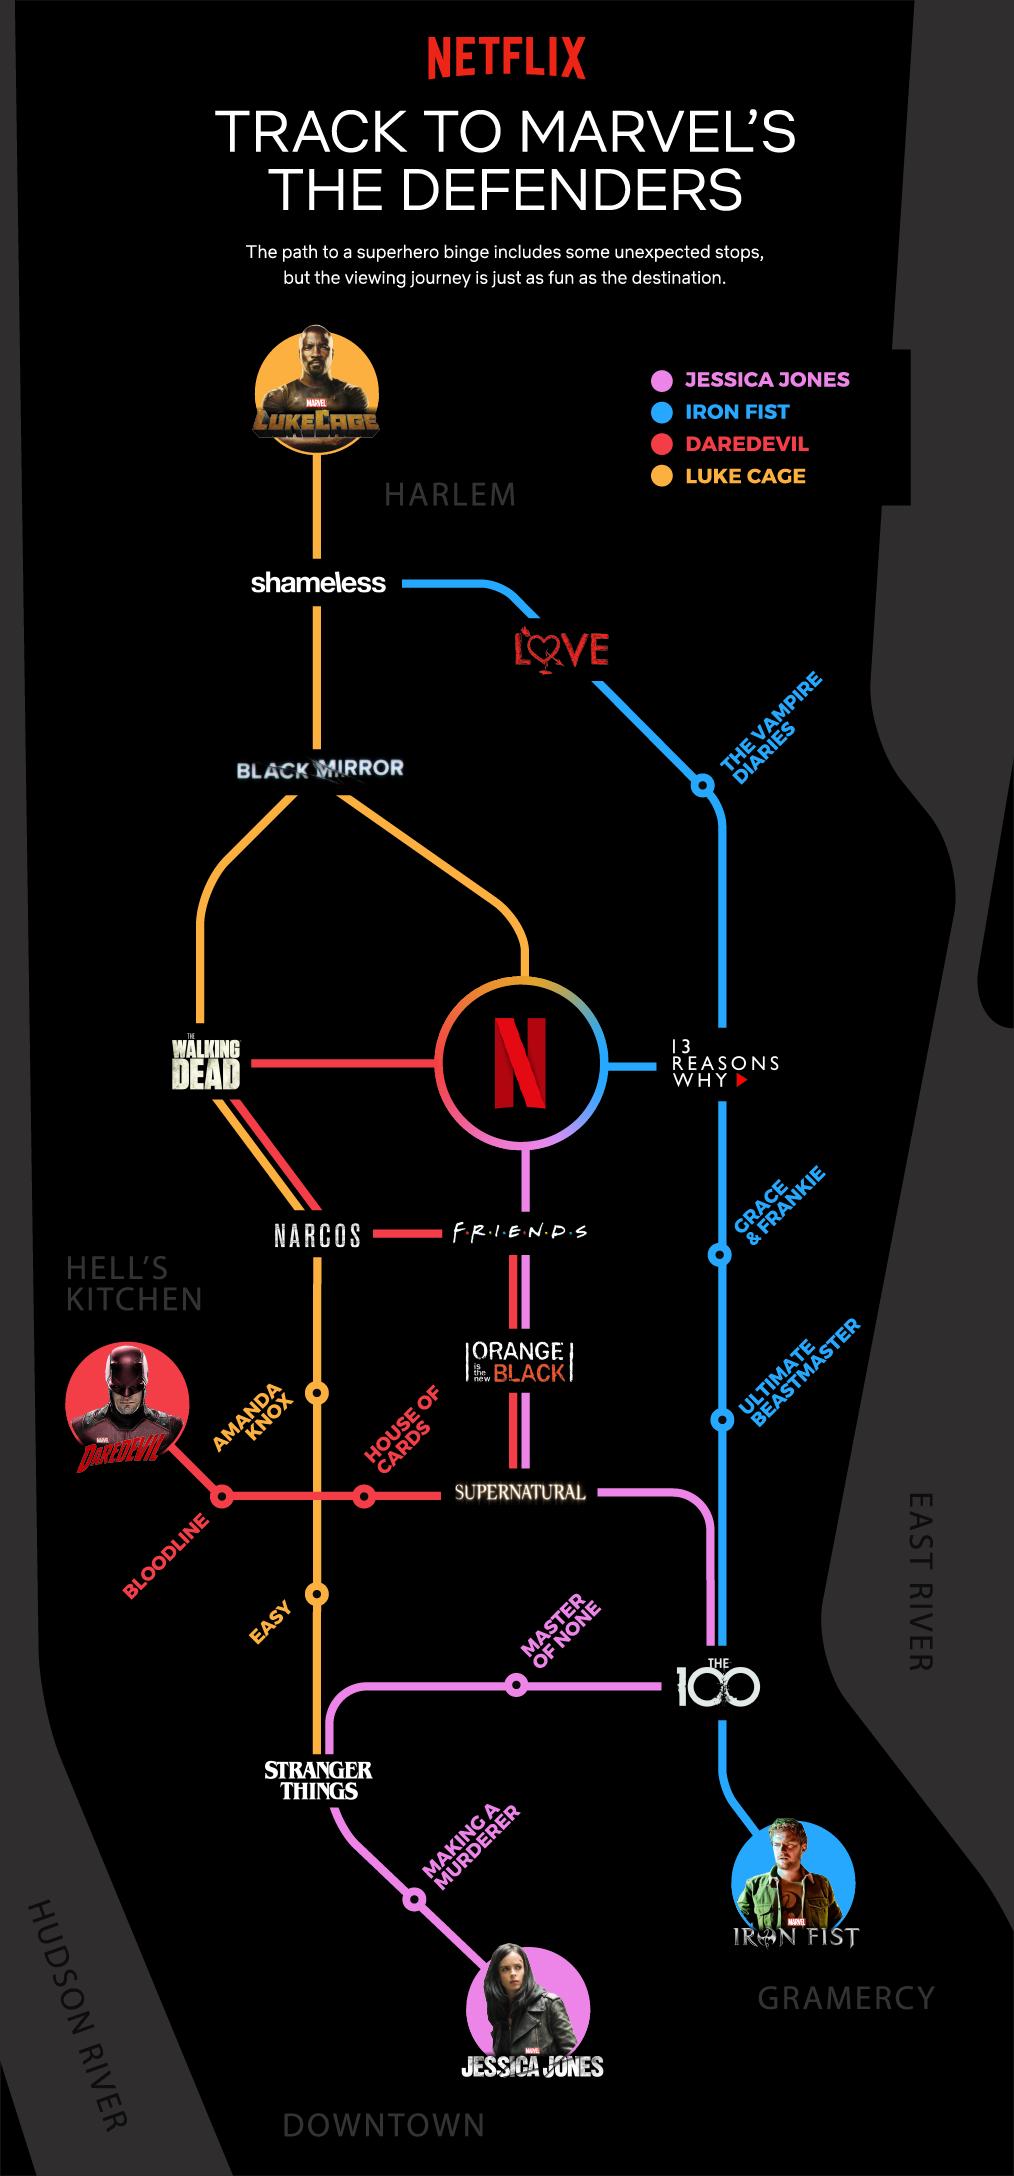 Netflix Persuasion #Netflix #StreamTeam